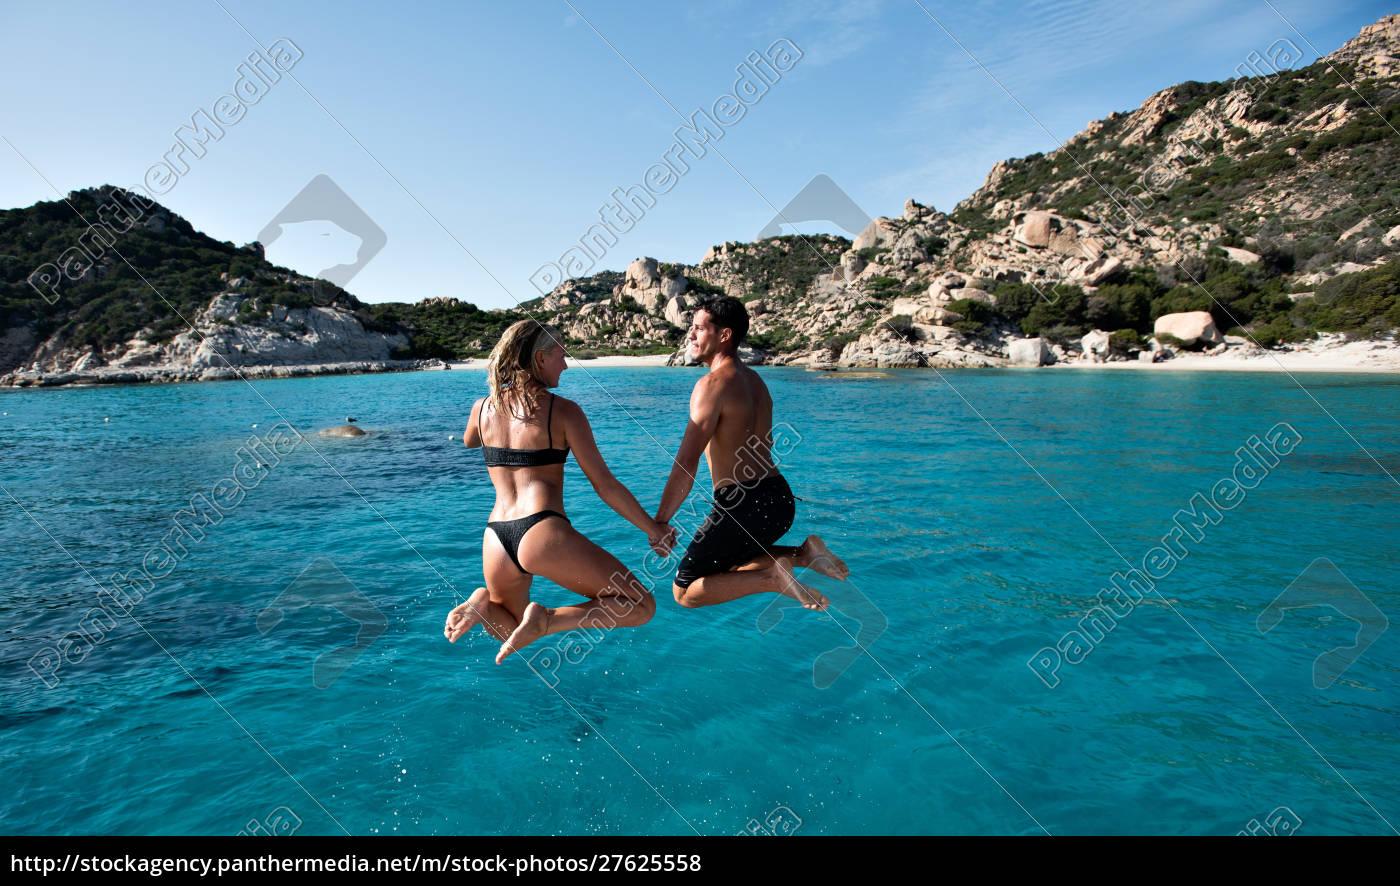 junges, paar, springt, ins, meer, von - 27625558